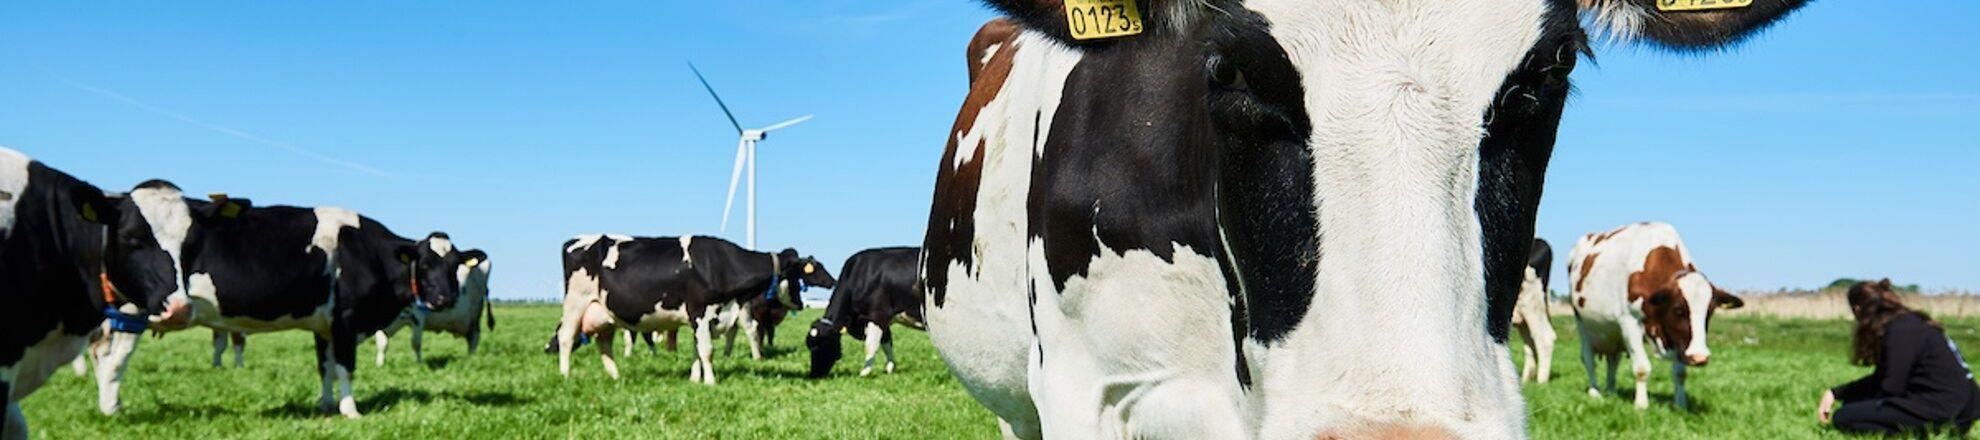 koeien in wei melkveebedrijf aeres farms aeres hogeschool dronten